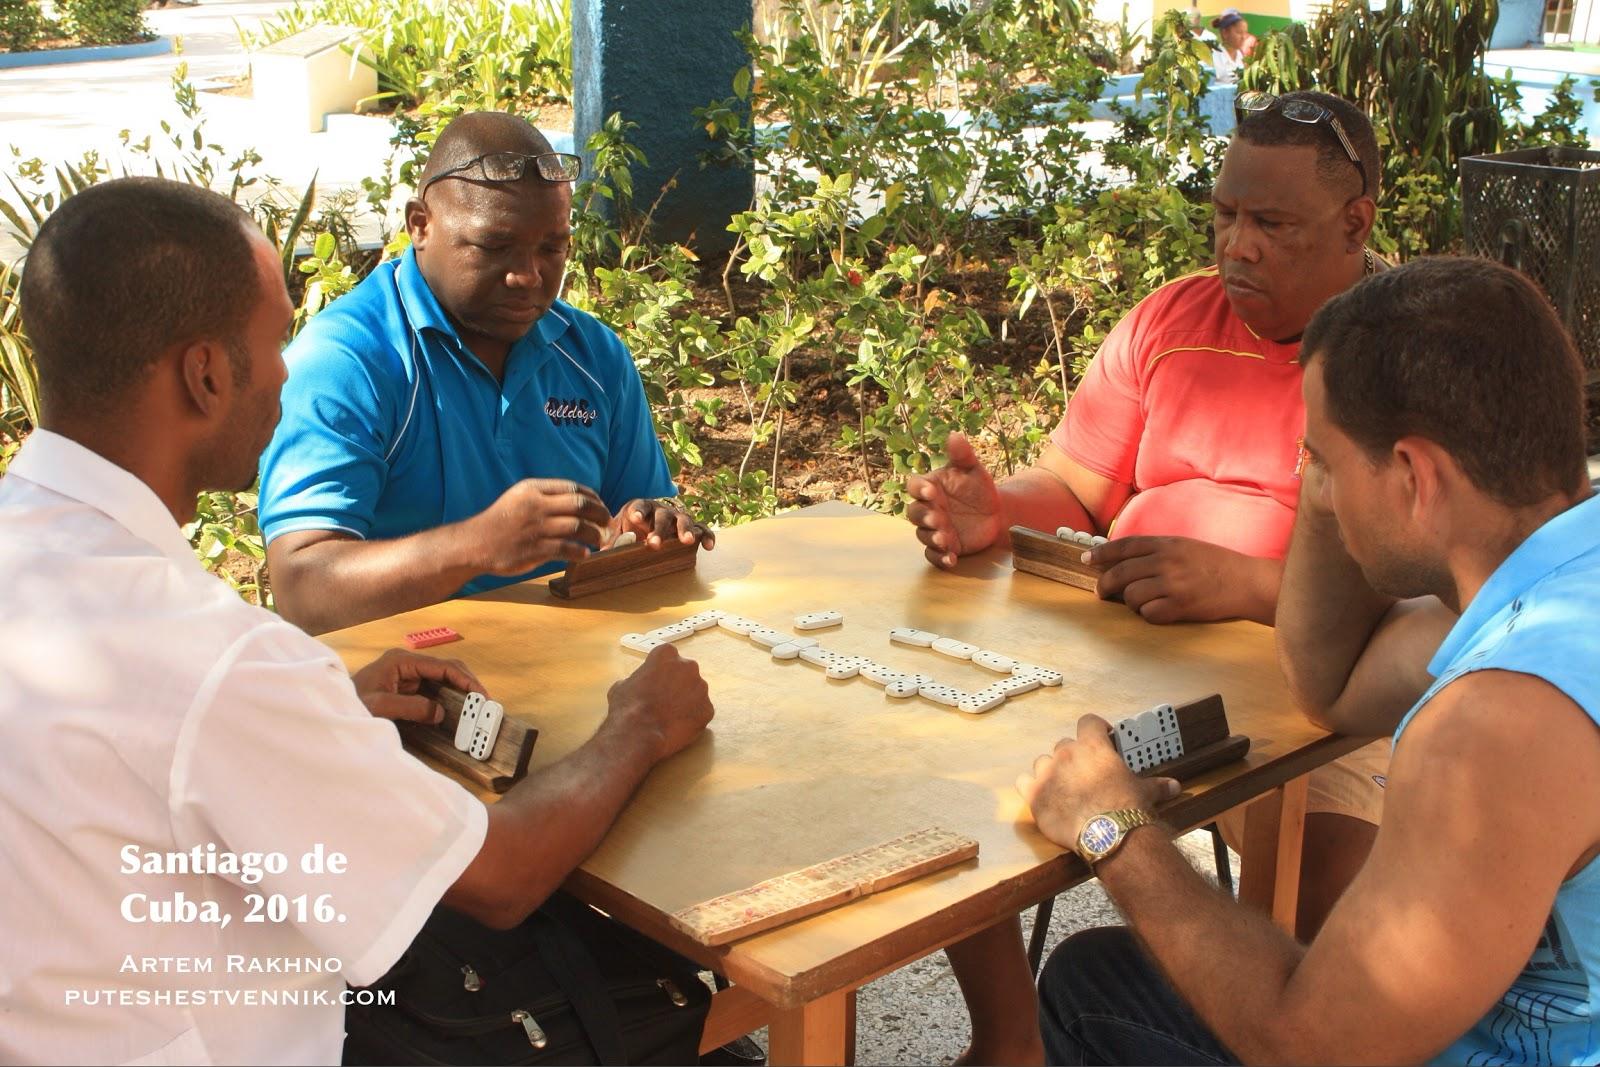 Жители Кубы играют в домино за столом